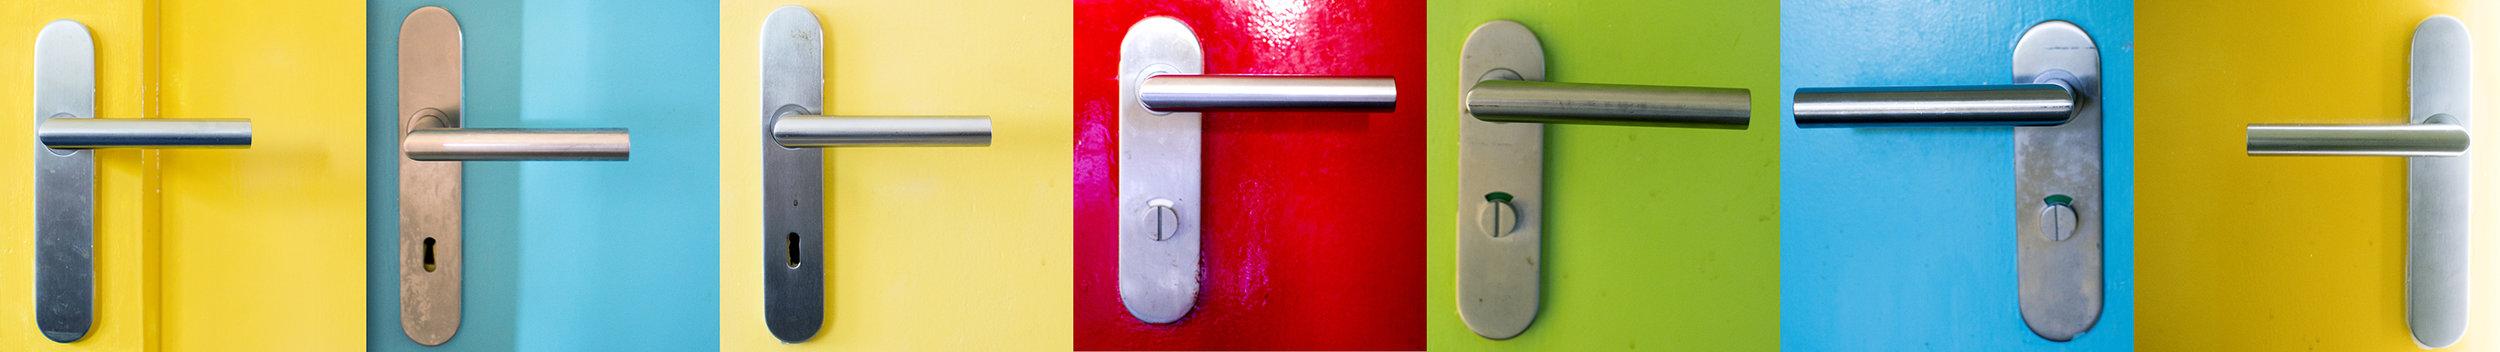 permentier doors.jpg